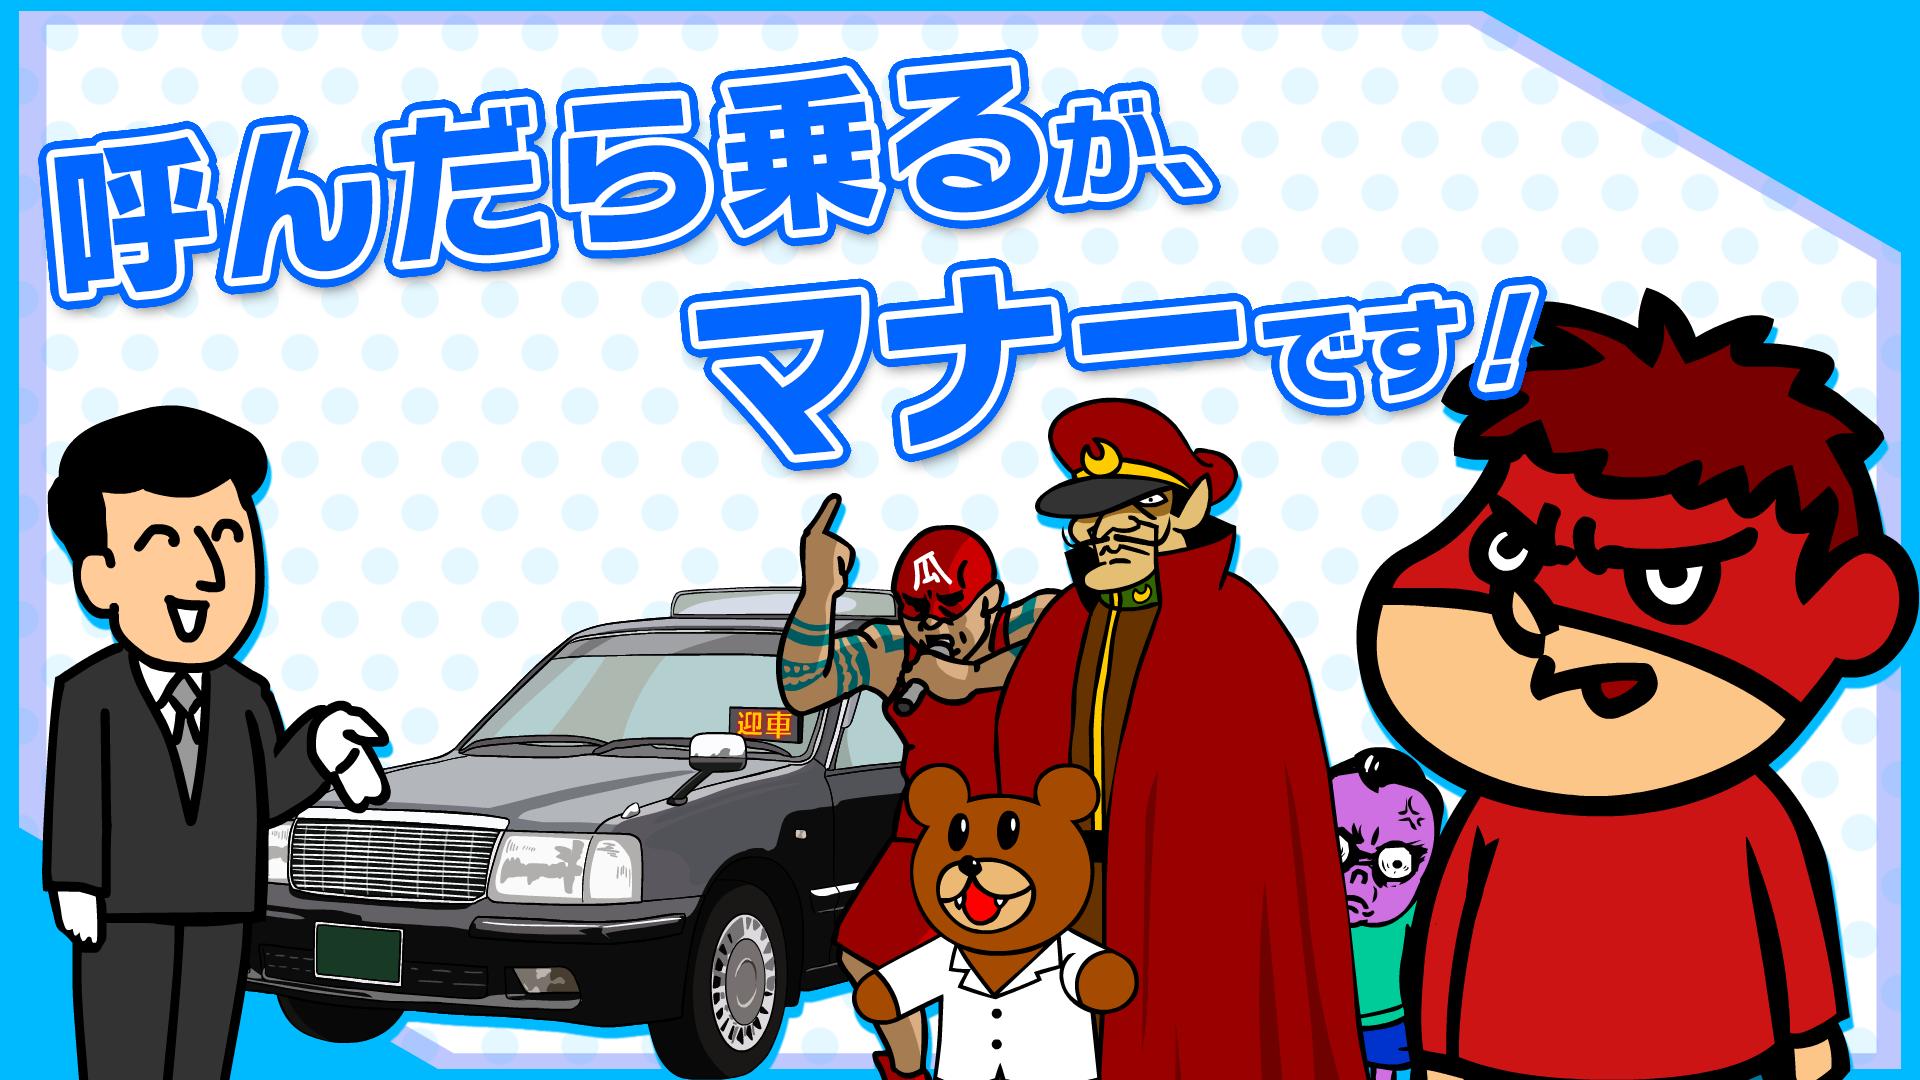 【鷹の爪】鷹の爪団がタクシー配車アプリの使い方マナー動画を公開!